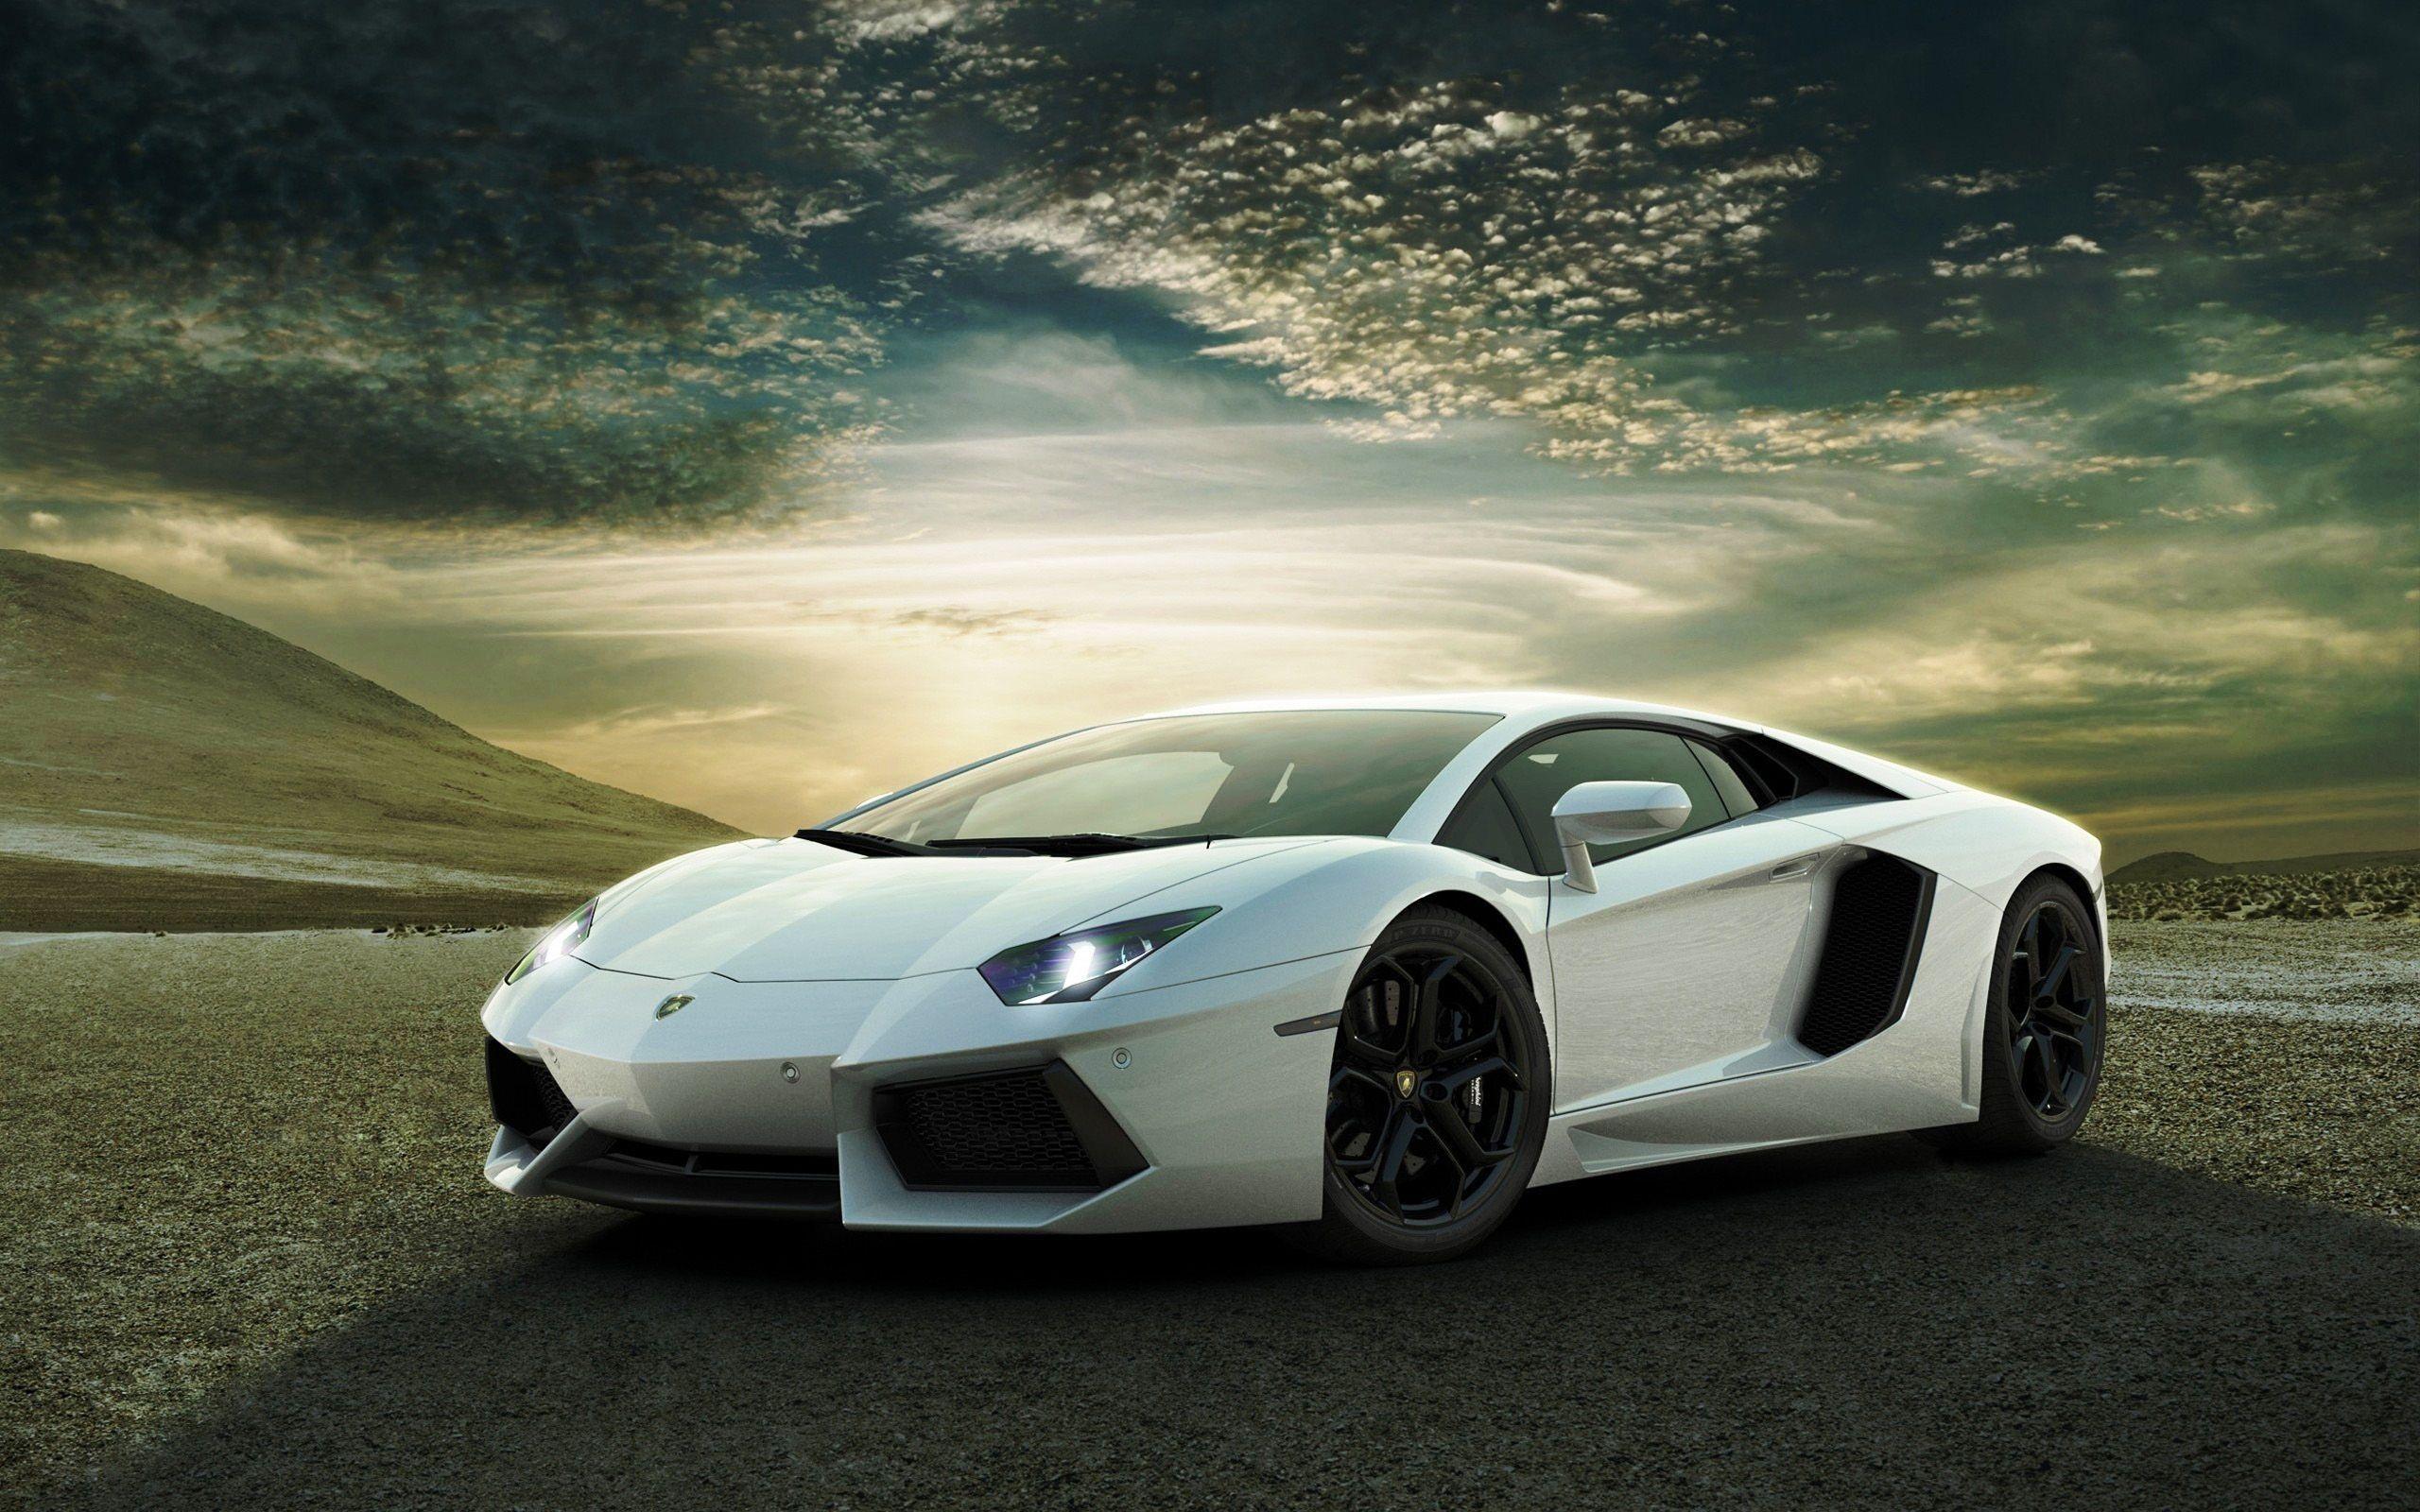 Lamborghini Cars Wallpapers Hd Free Download For Desktop